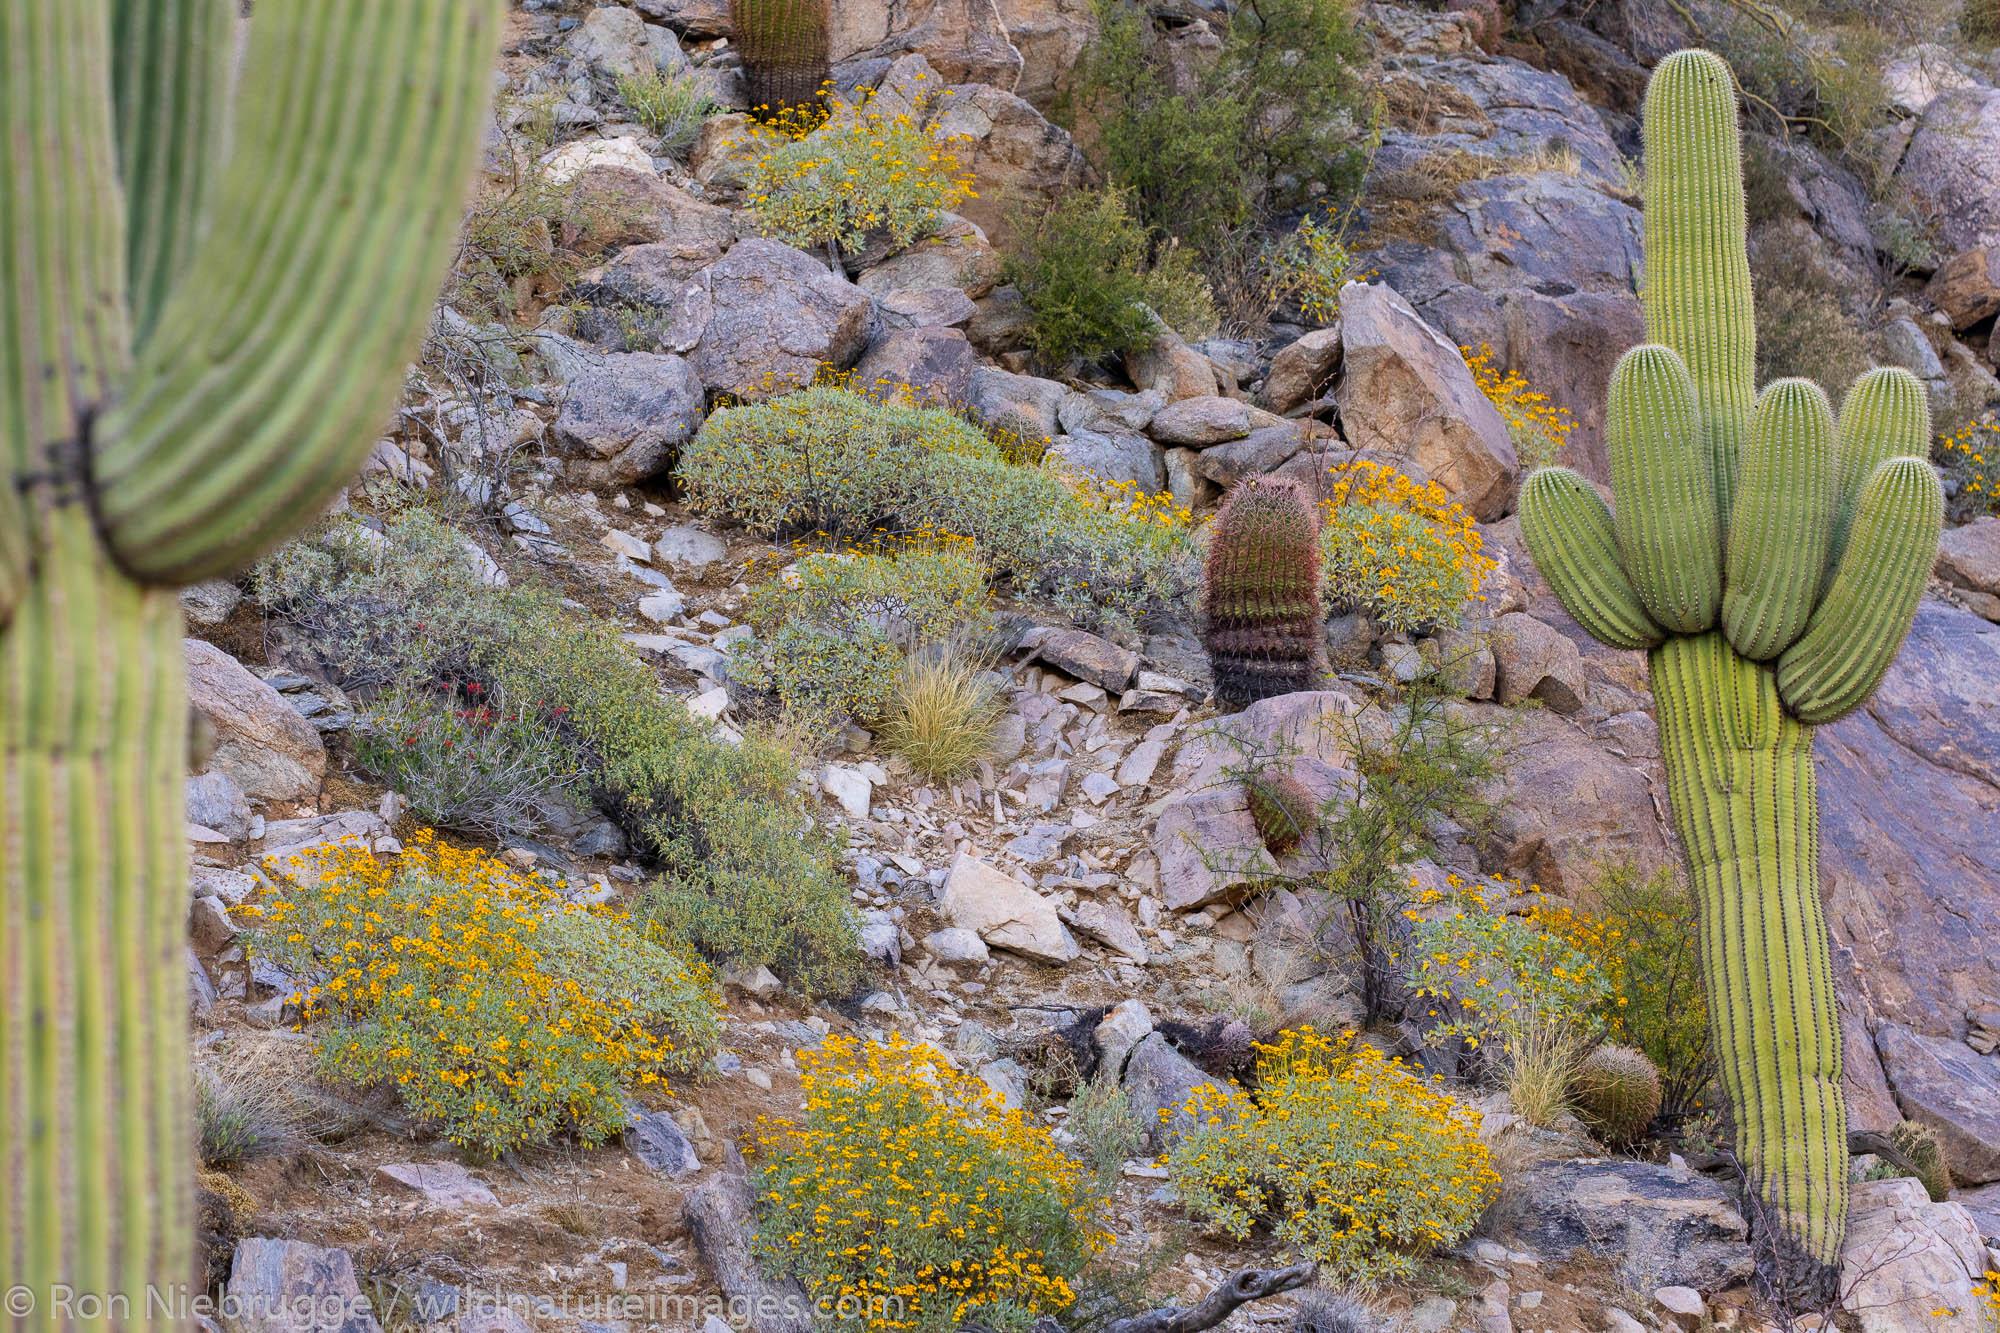 Saguaro Cactus, Marana, near Tucson, Arizona.